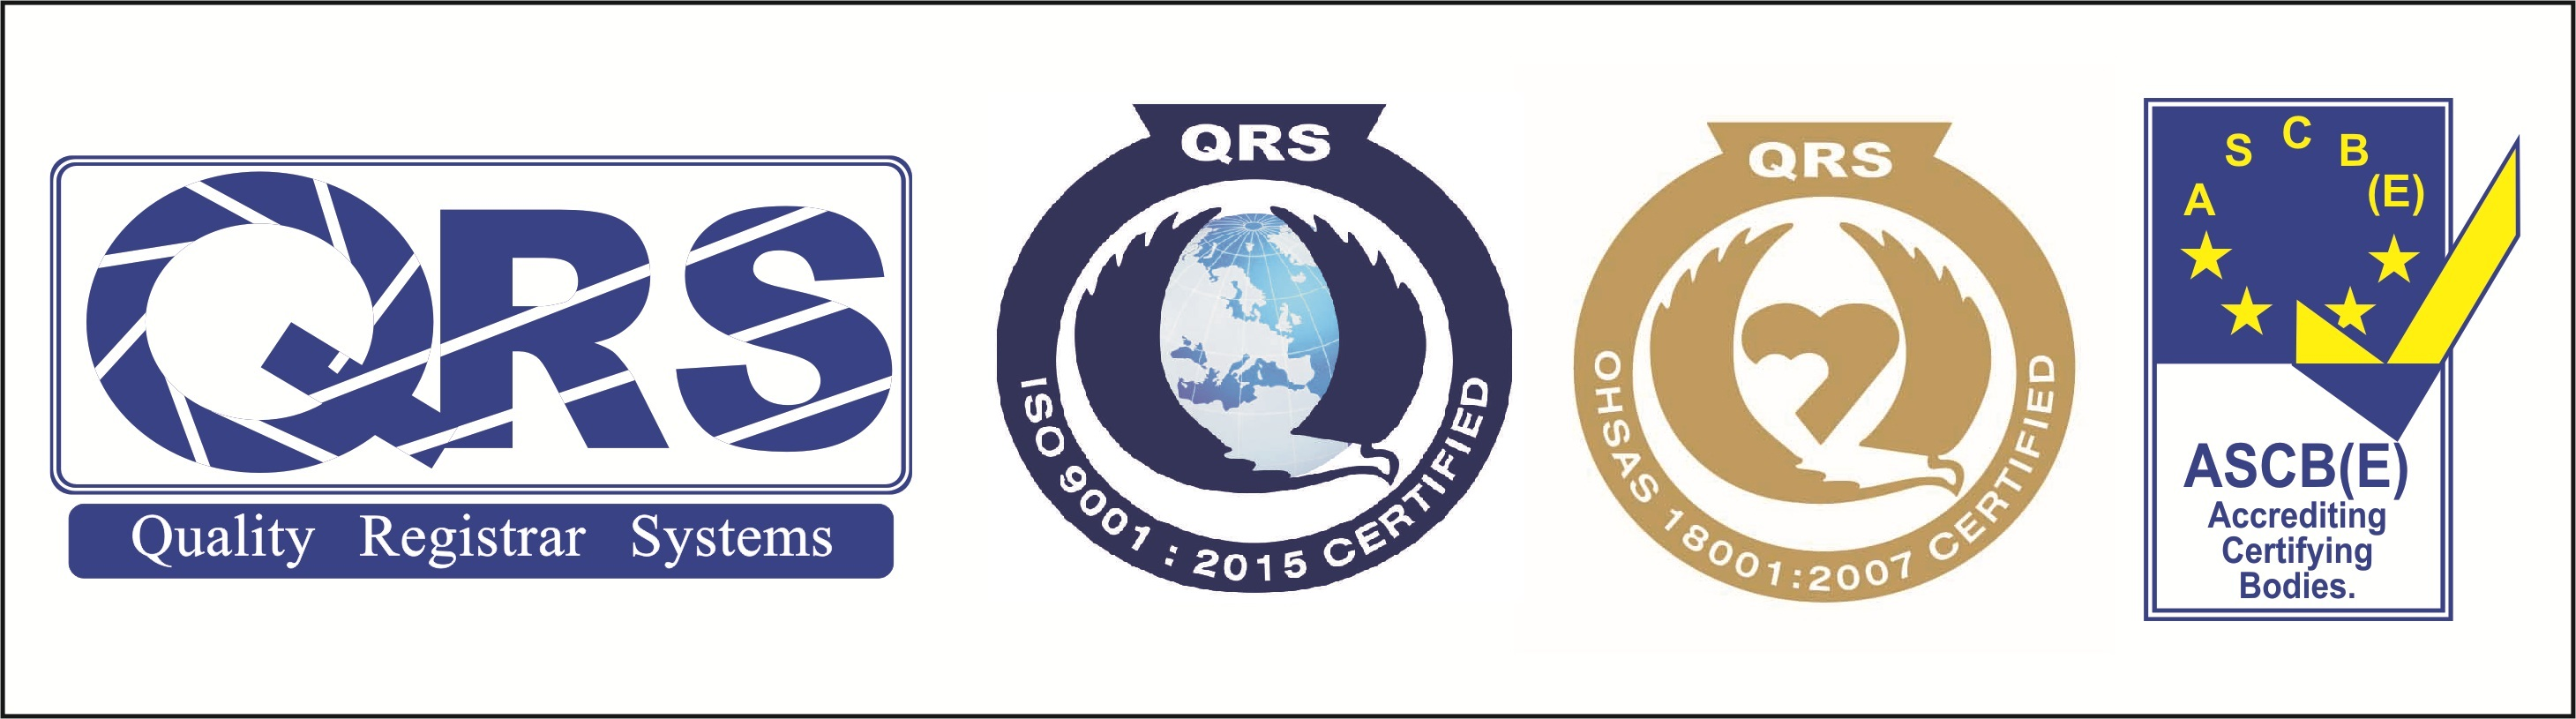 QMS 2015 OHSAS